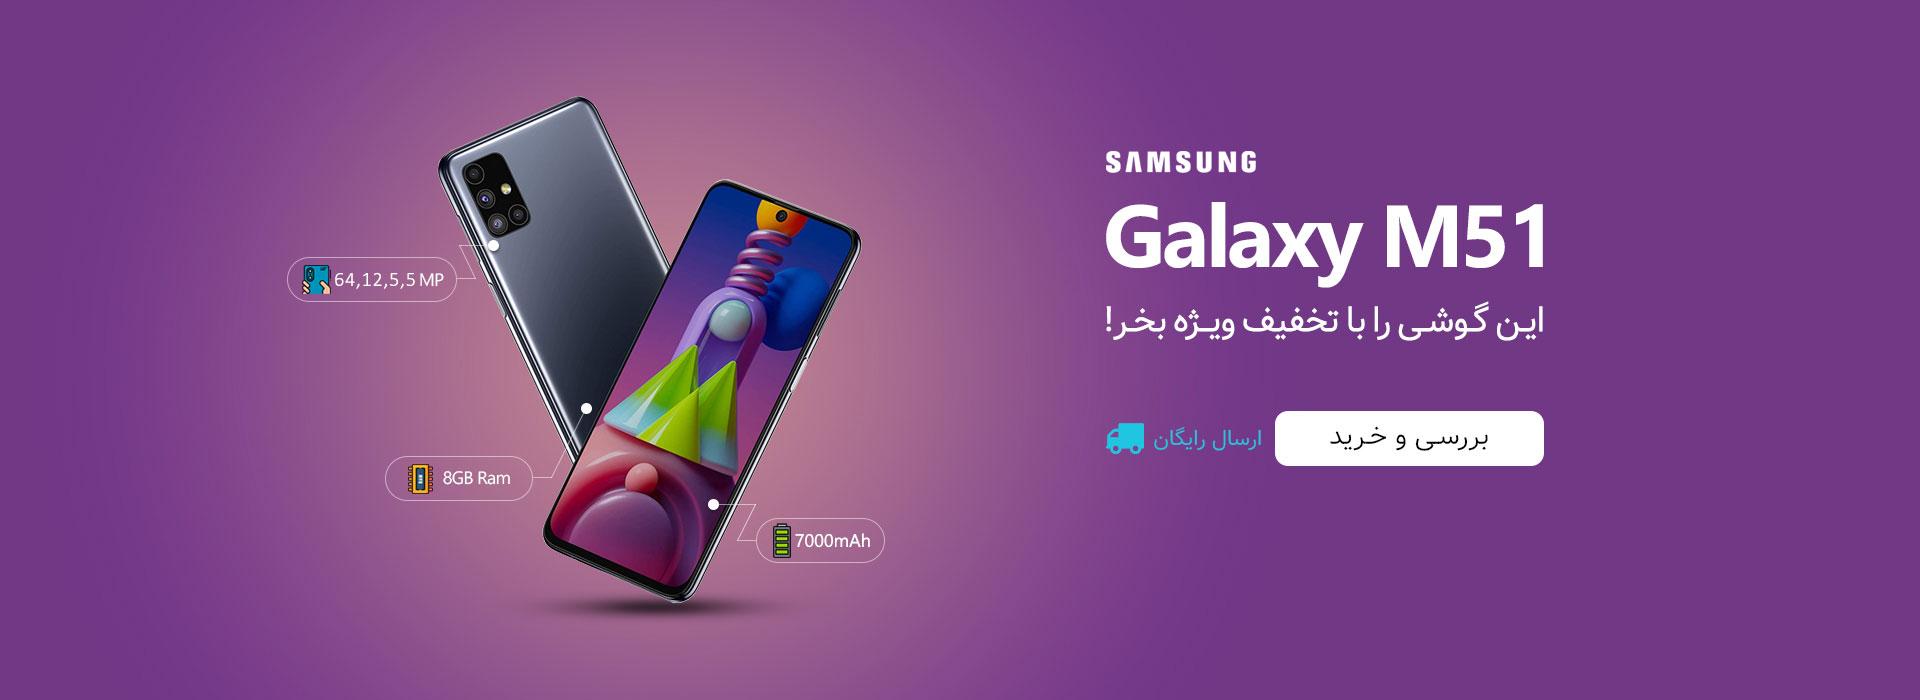 گوشی موبایل 128 گیگابایت Samsung مدل GALAXY M51